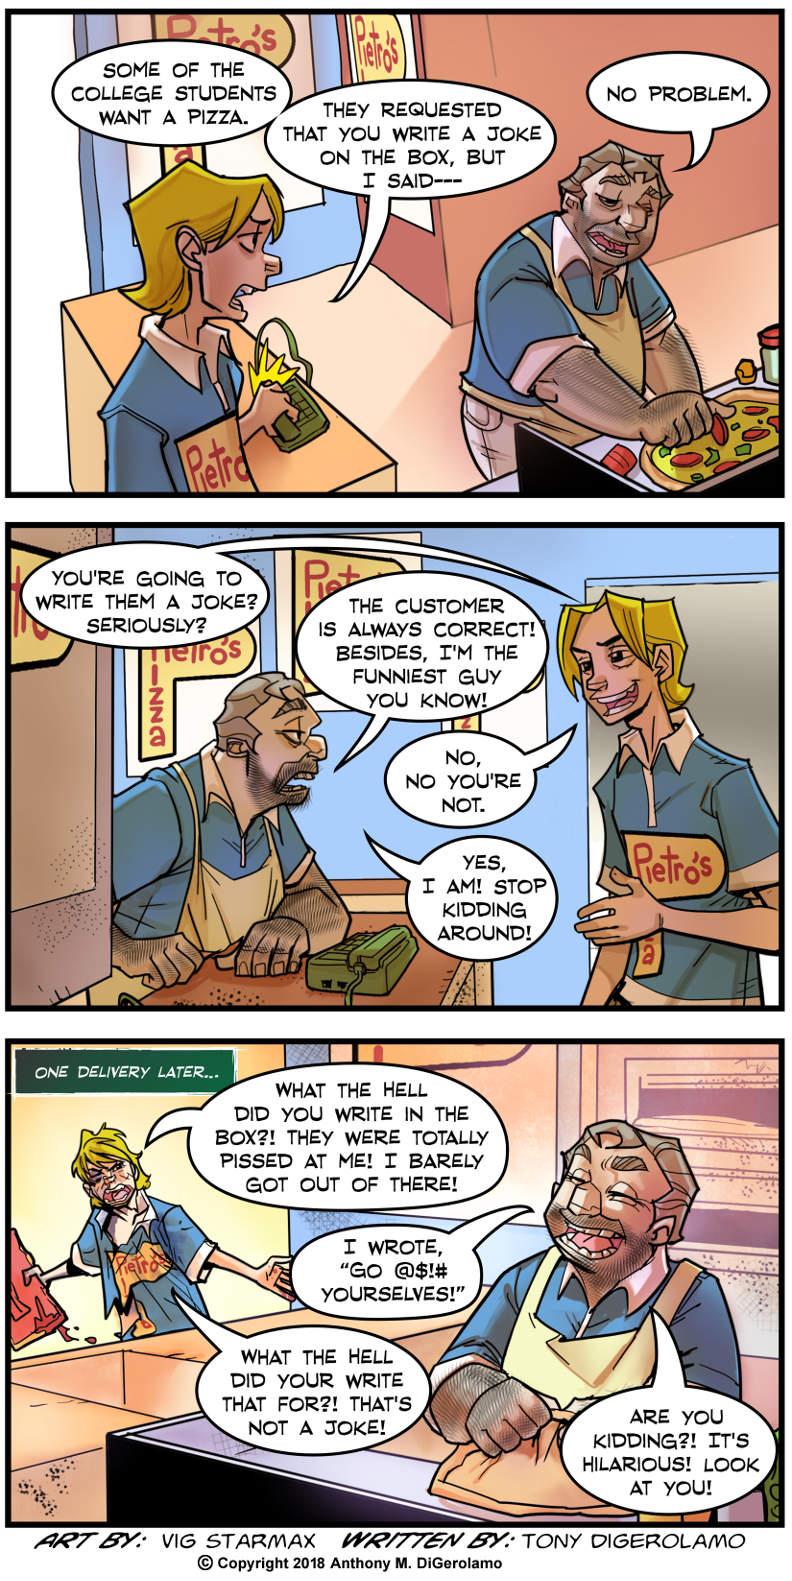 Tales of Pizza:  Joke in a Box